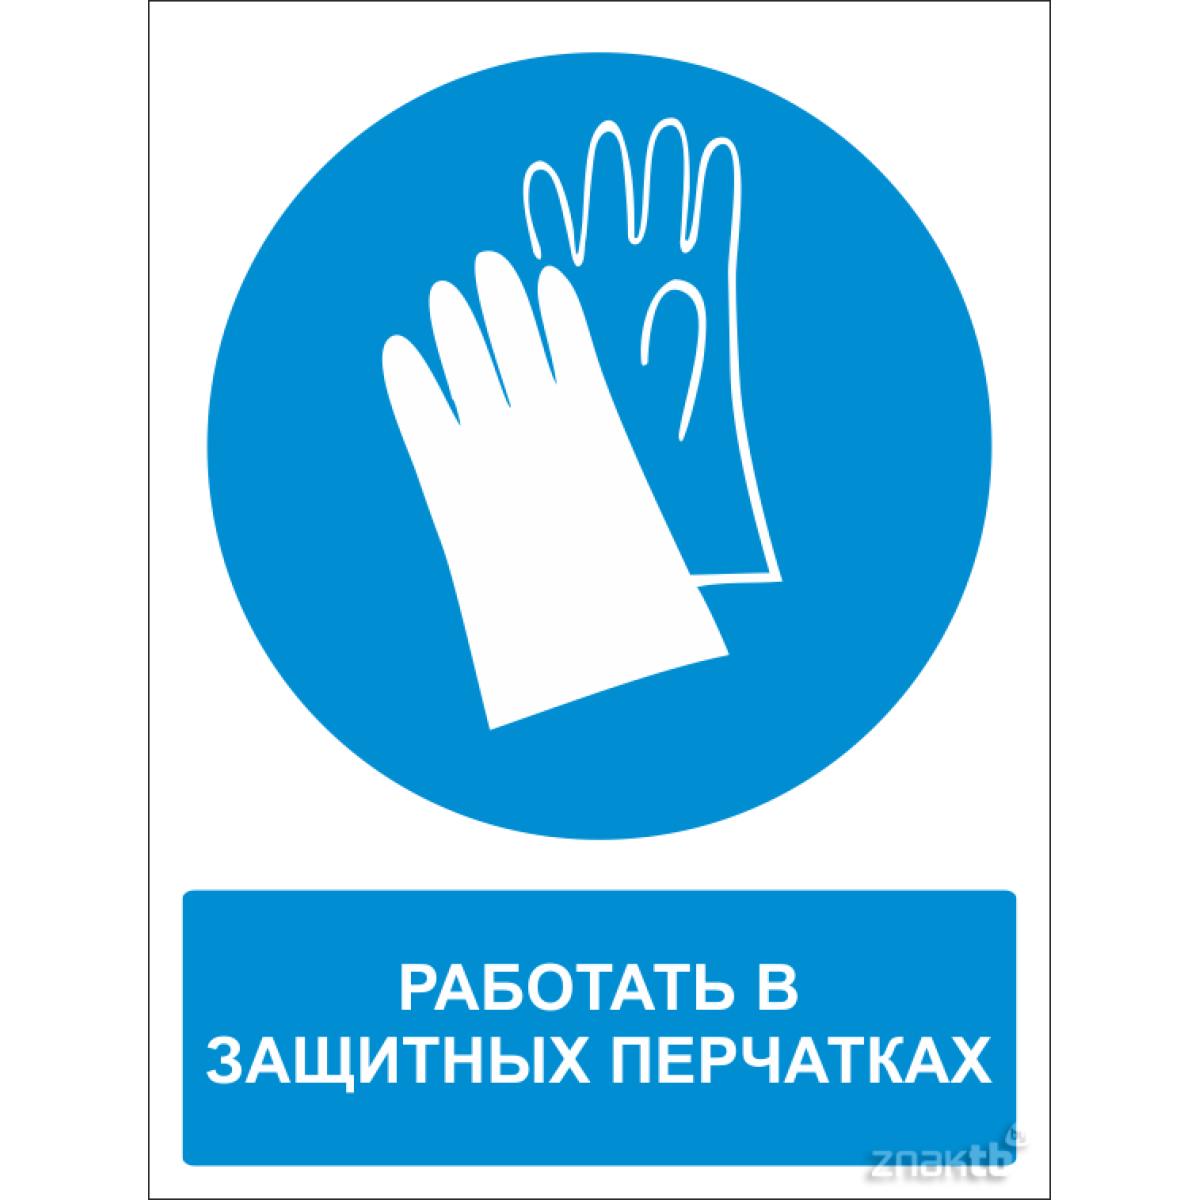 484 Знак Работать в защитных перчатках (с поясняющей надписью)